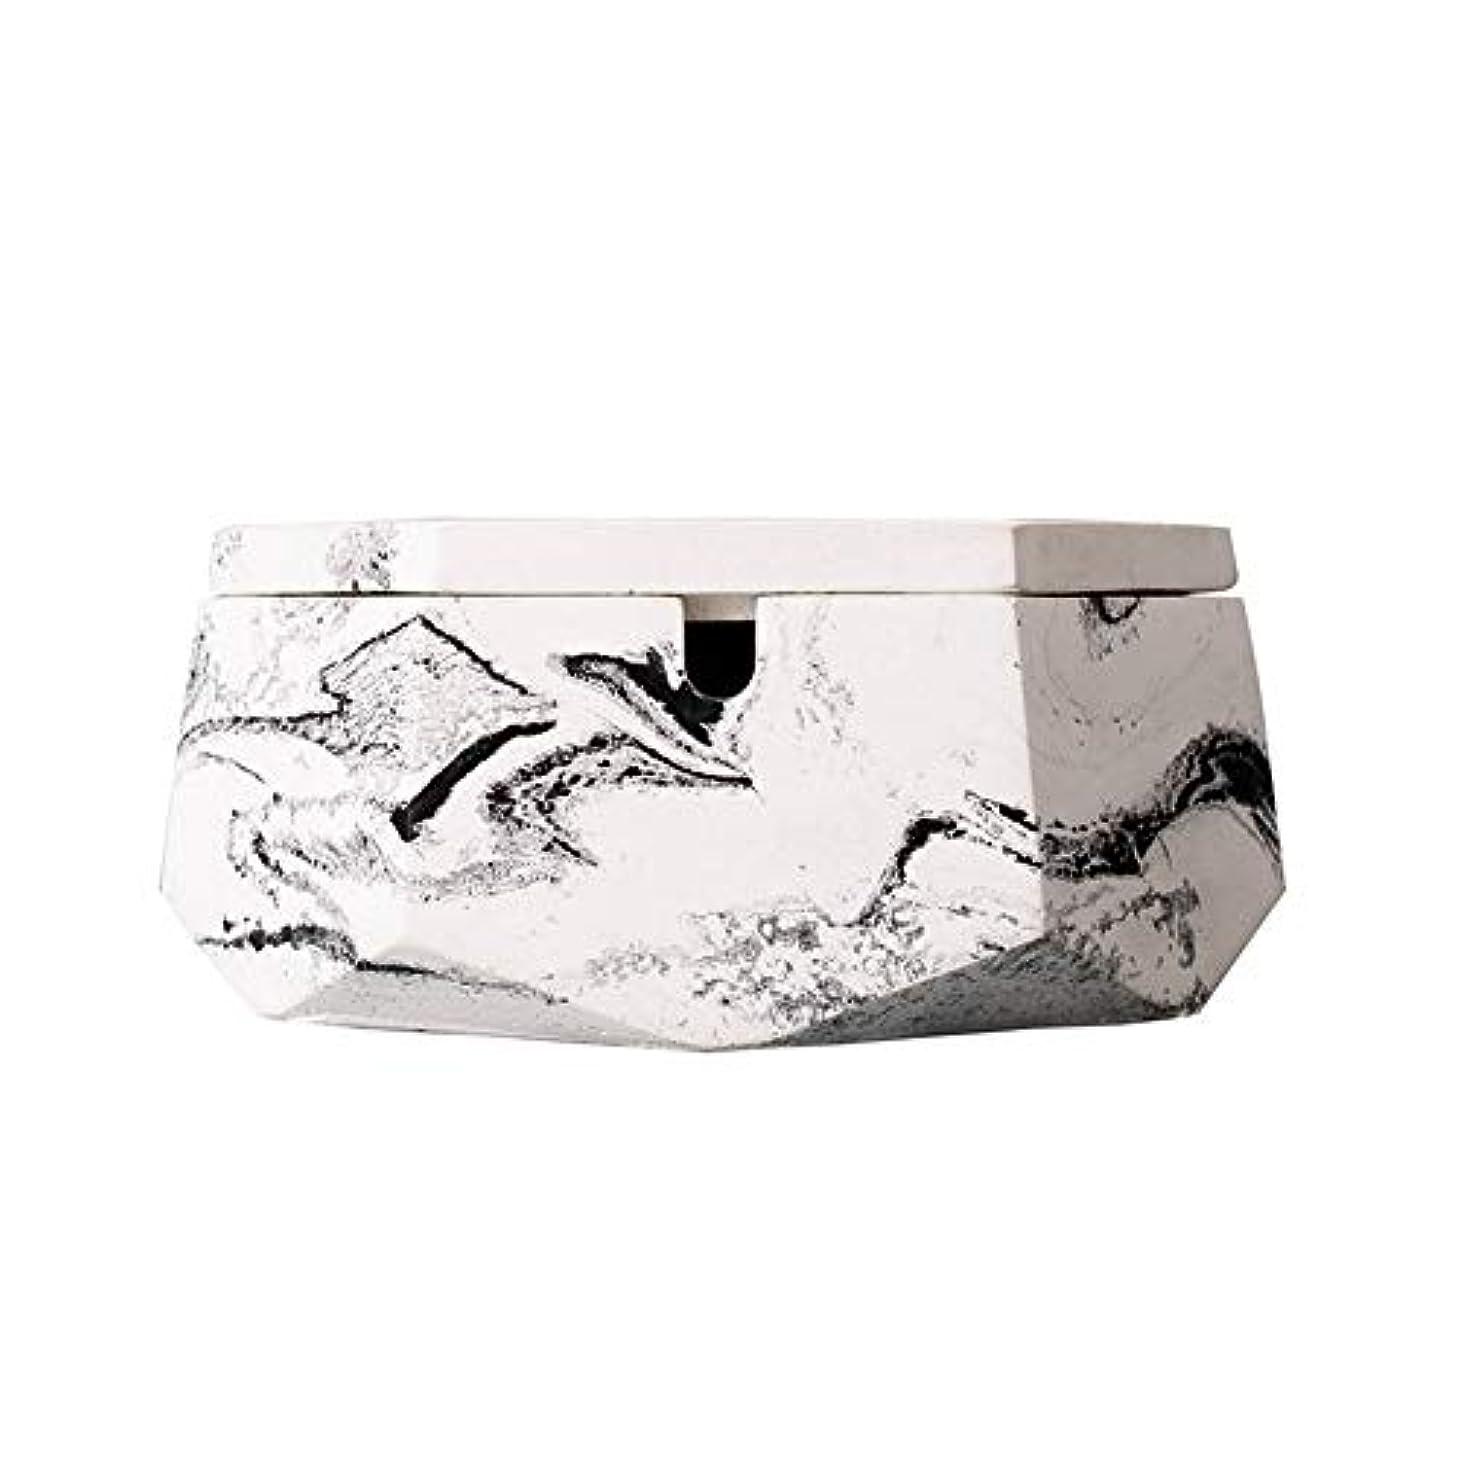 最後の寝る不均一灰皿、ふたが付いている新しさのステンレス鋼の現代卓上灰皿、屋内または屋外での使用のためのタバコの灰皿、喫煙者のための灰ホルダー、ホームオフィスの装飾のためのデスクトップの喫煙灰皿